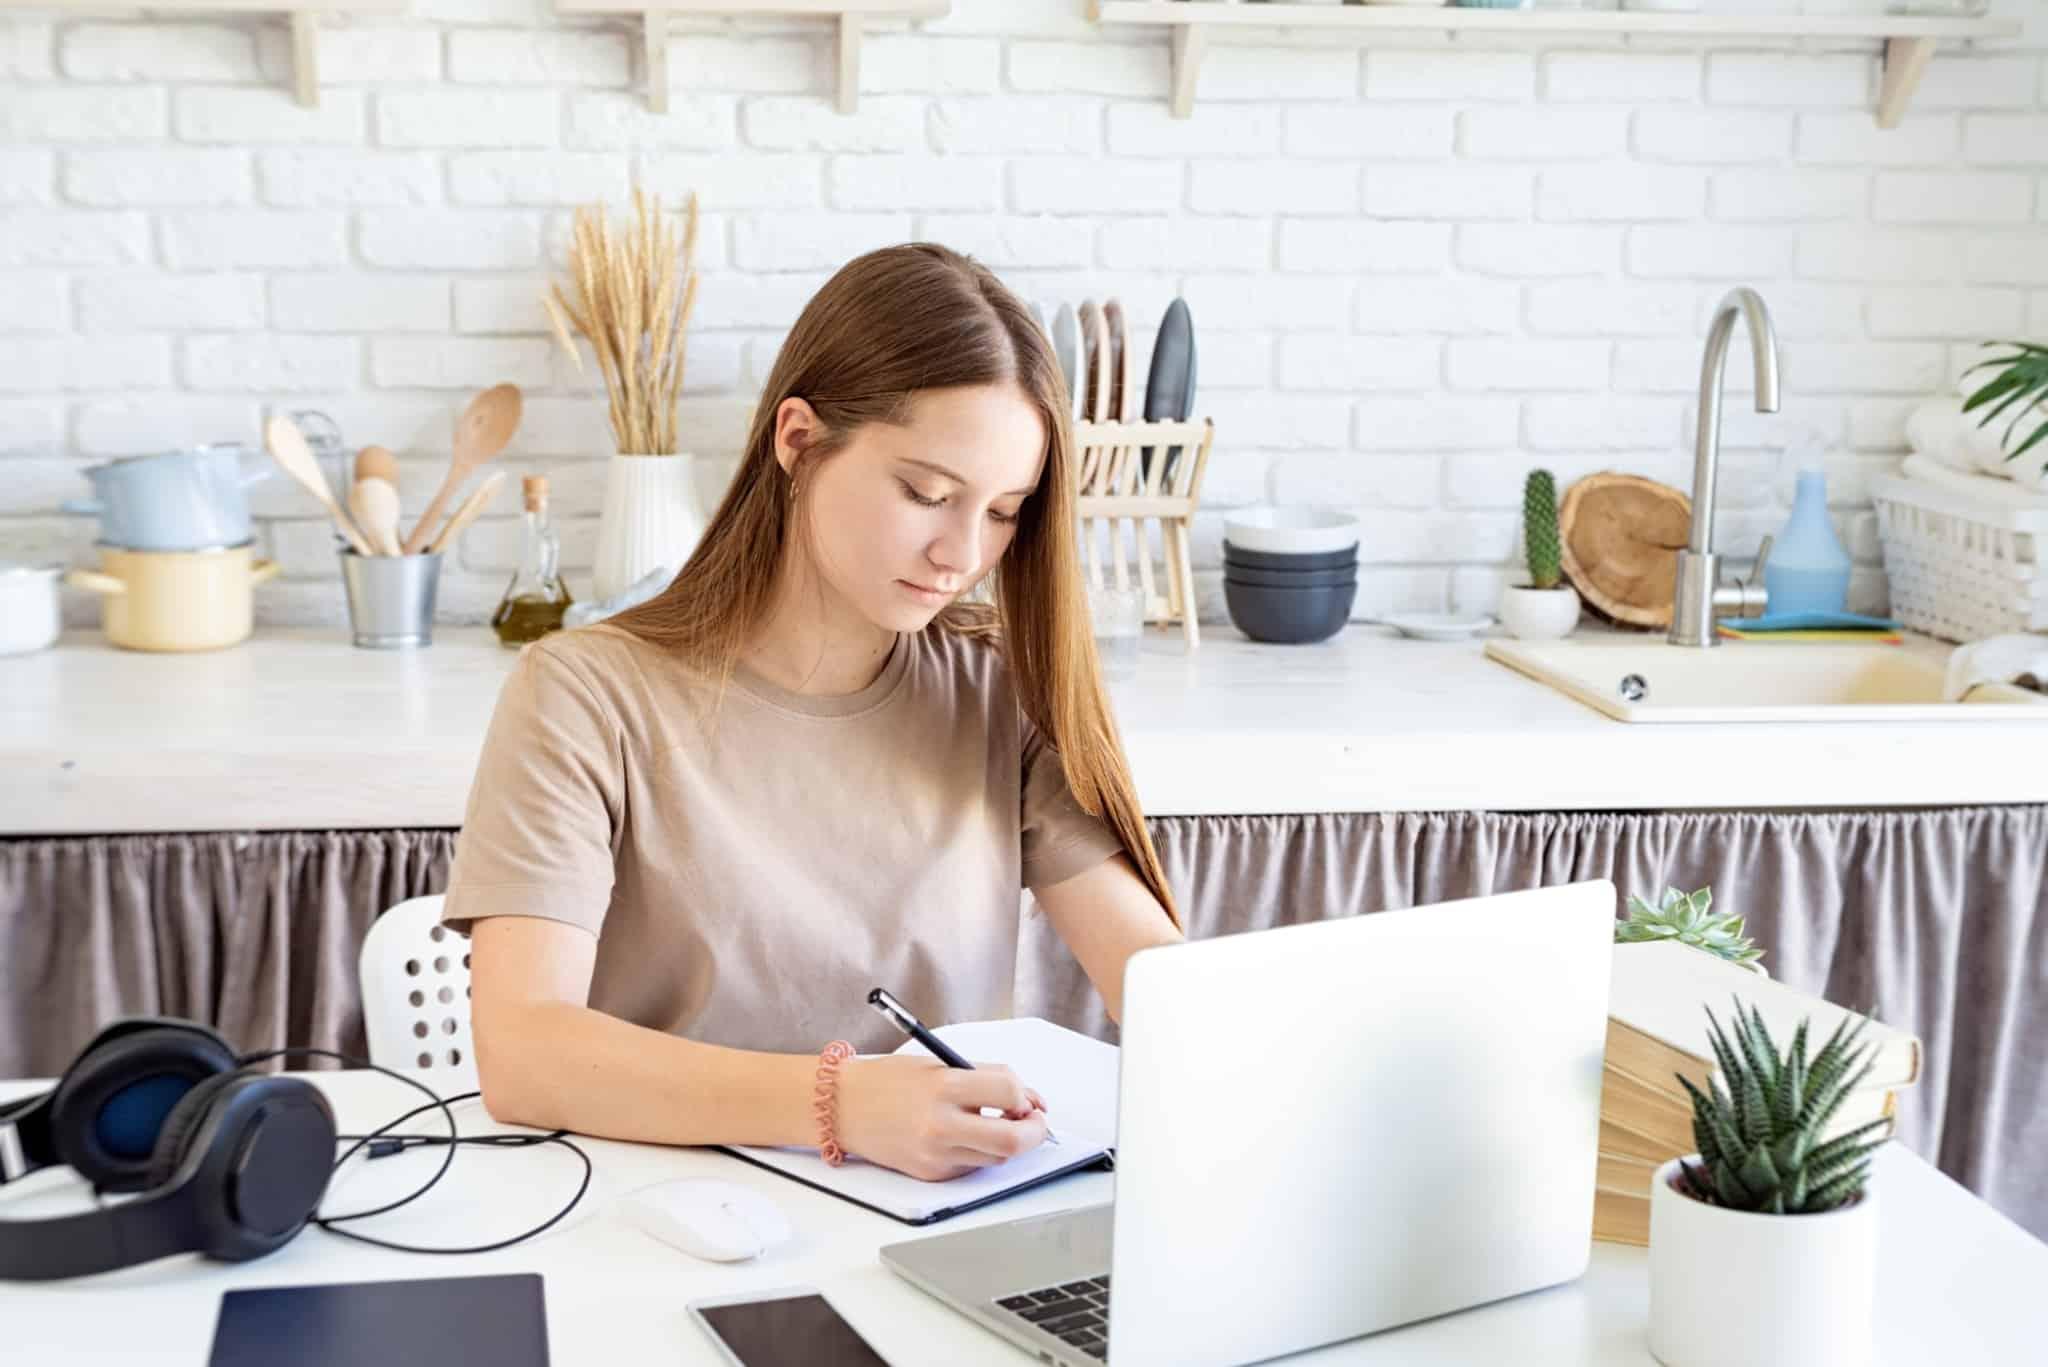 jovem mulher consulta o seu computador na mesa da cozinha